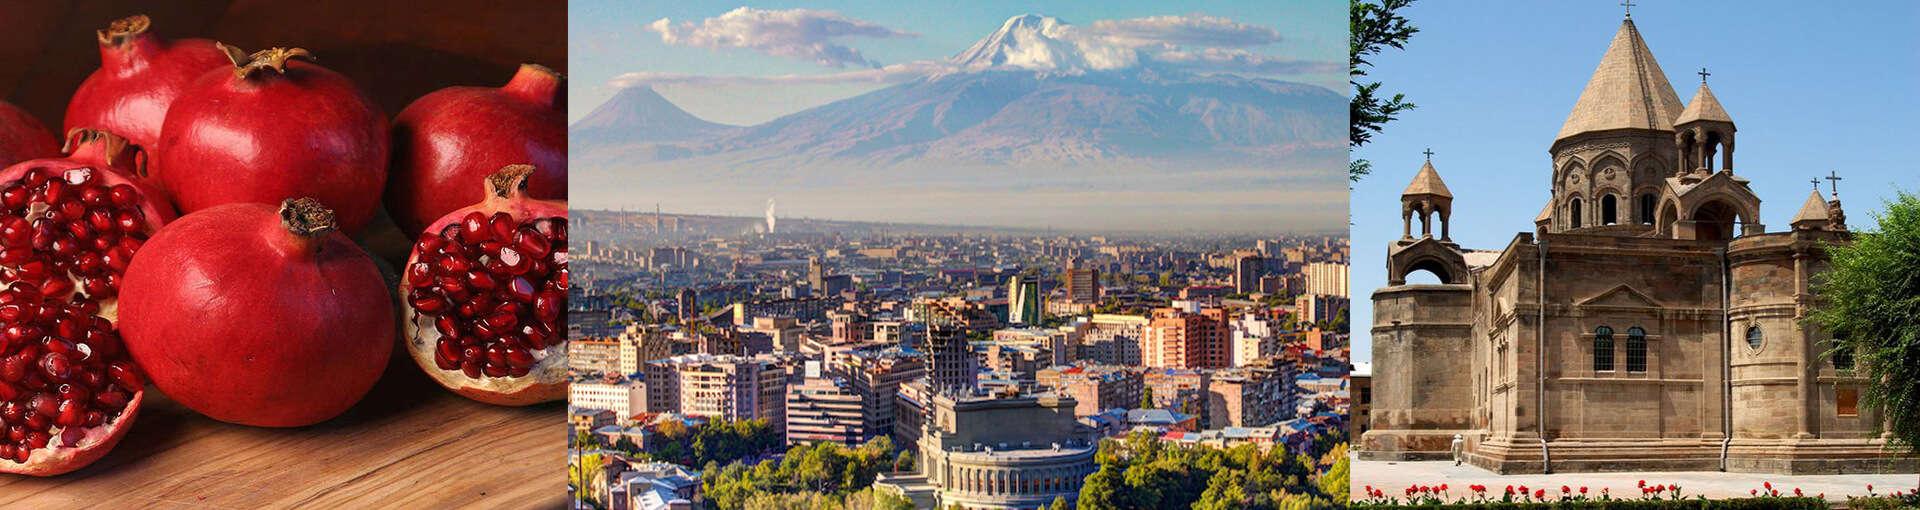 31 интересных фактов об Армении и армян, которые вы можете не знать